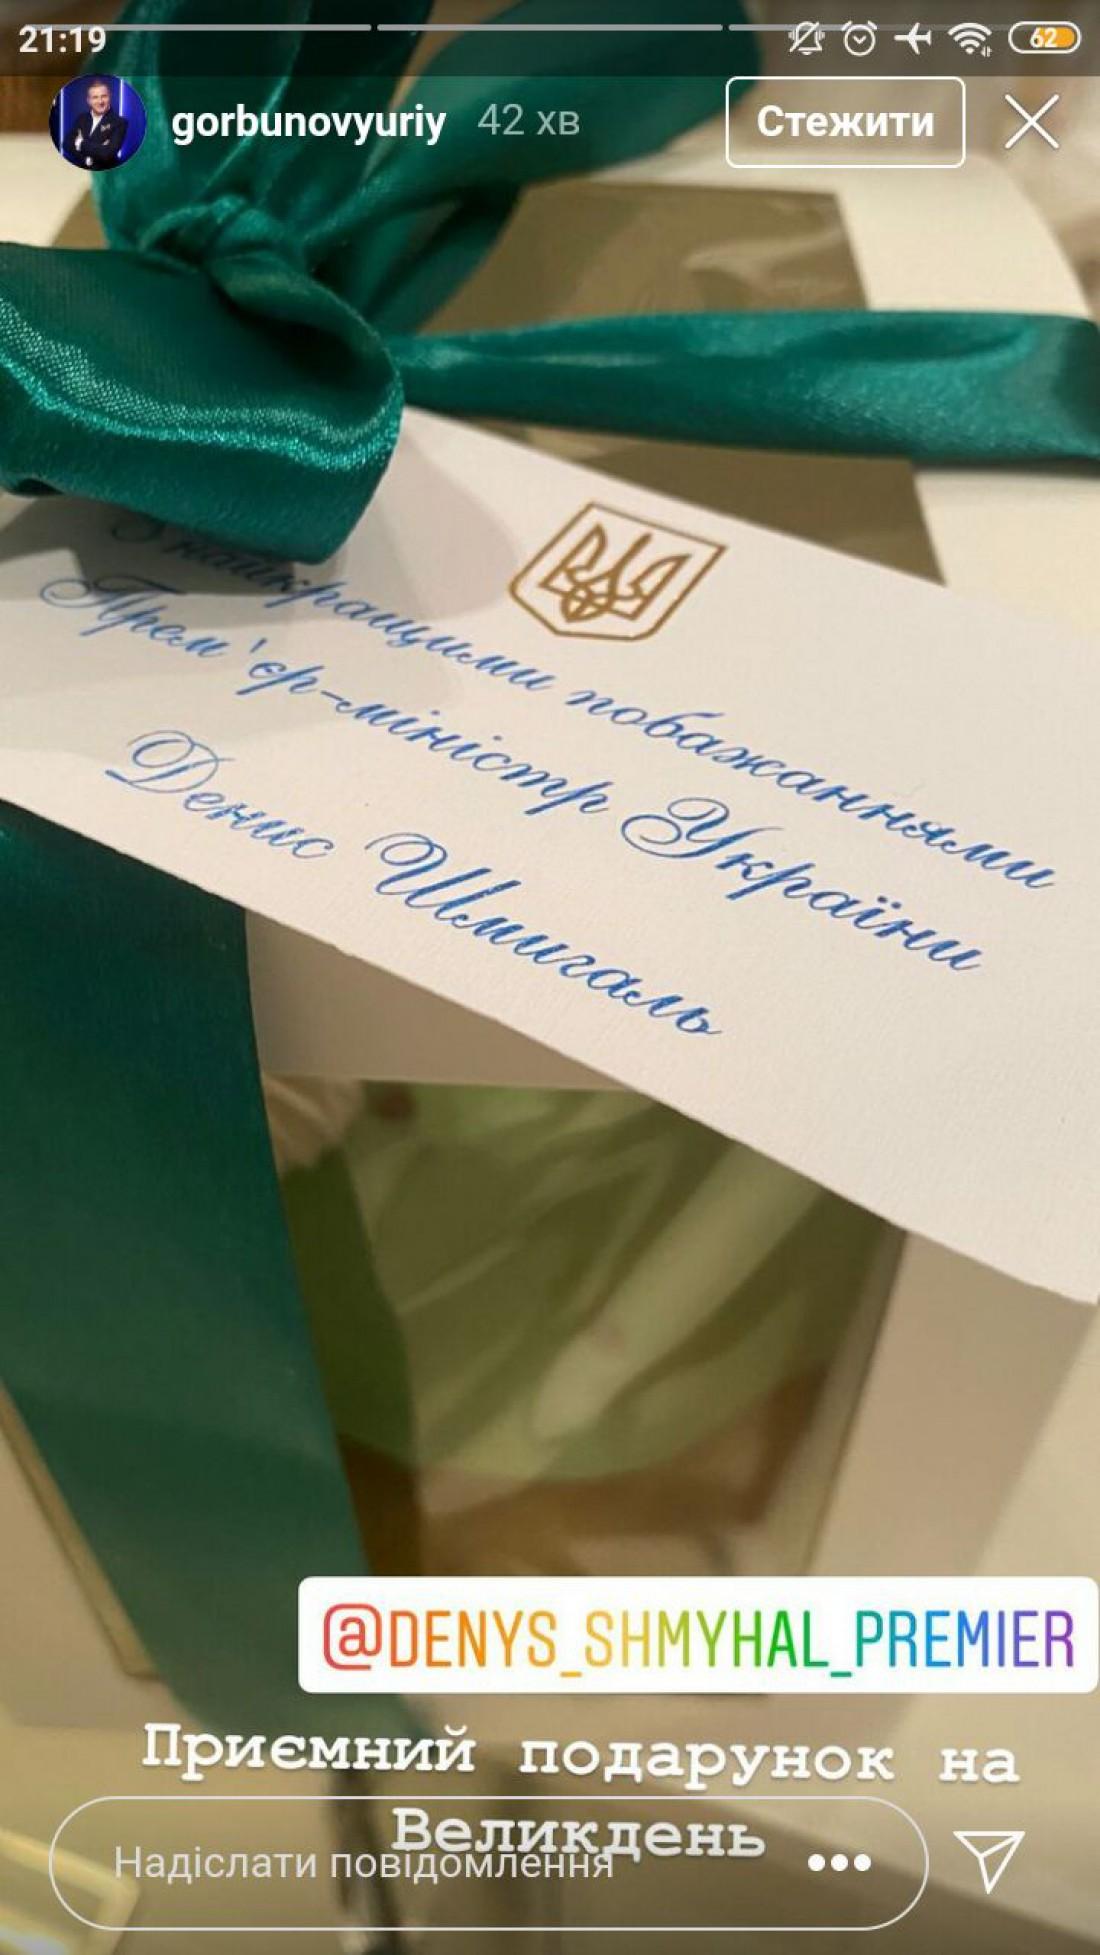 Юрий Горбунов показала паску от Дениса Шмыгаля